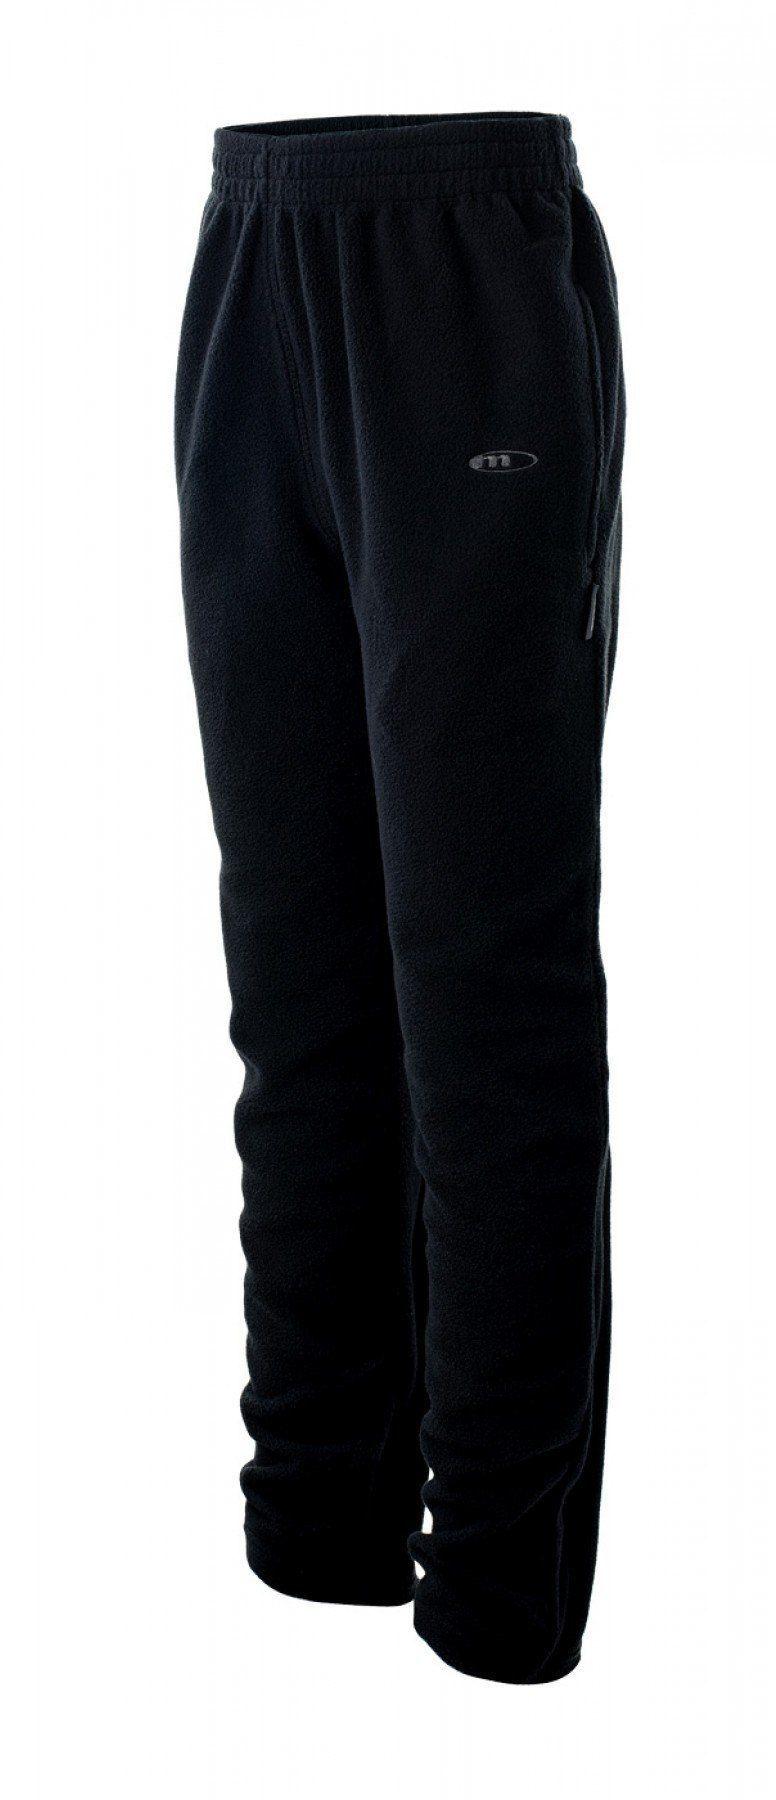 Martes Spodnie Sportowe Męskie Kerano Czarne r. M ID produktu: 1487223